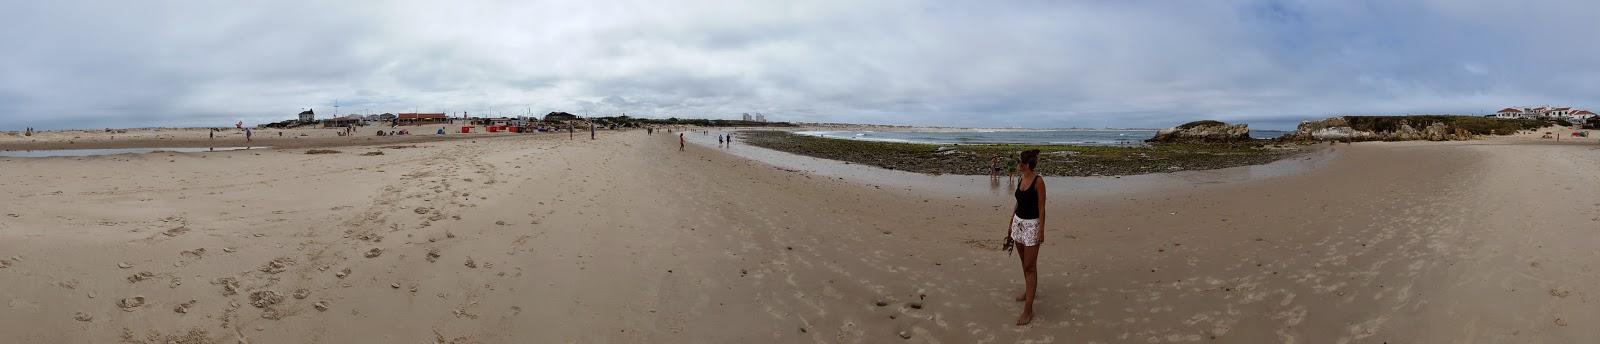 baleal playa